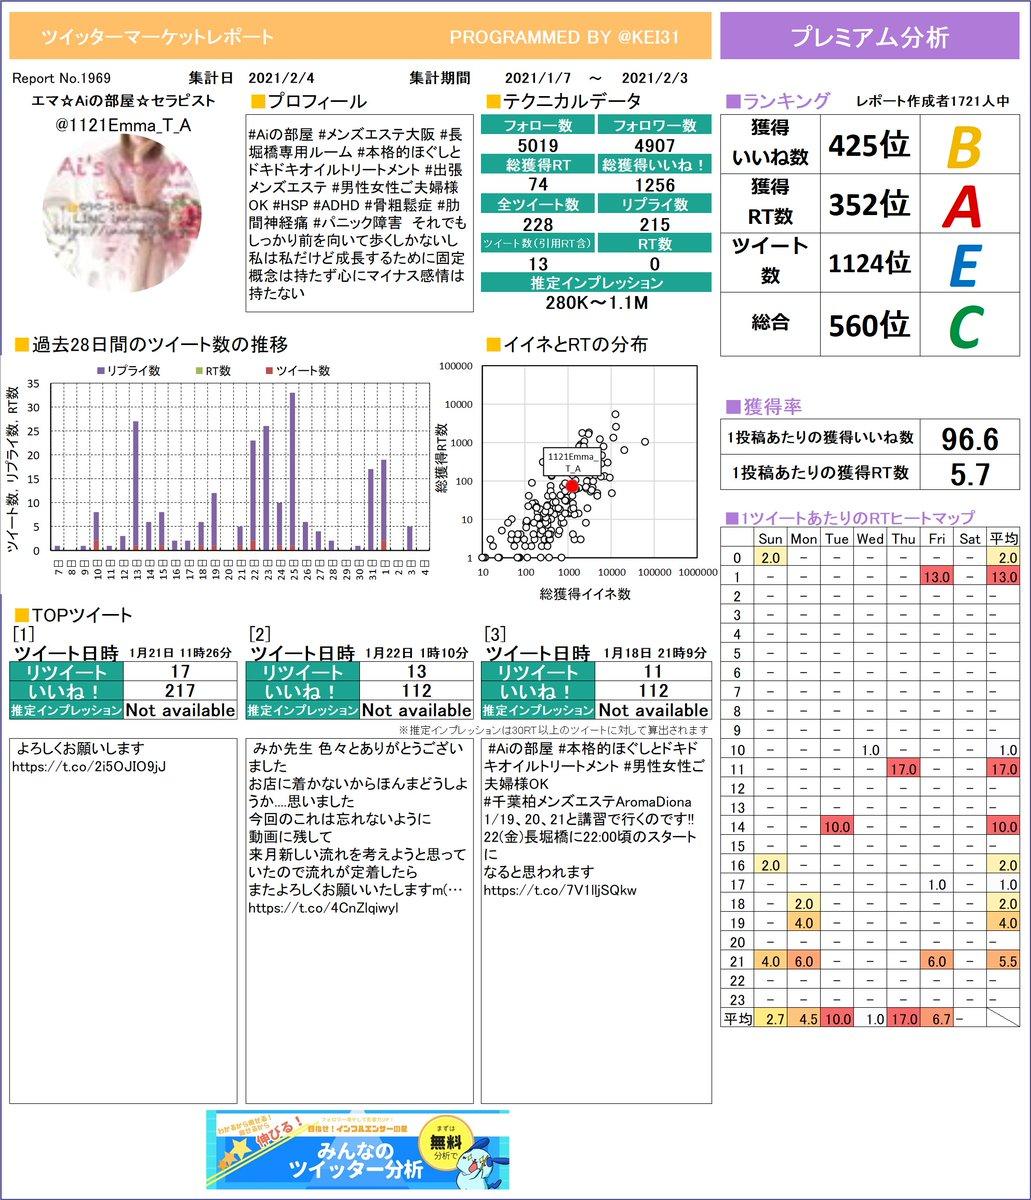 @1121Emma_T_A おまたせしました。エマ☆Aiの部屋☆セラピストさんのレポートができました!グラフ化するといつサボってるか分かっちゃうよね。さらに詳しい分析はこちら!≫